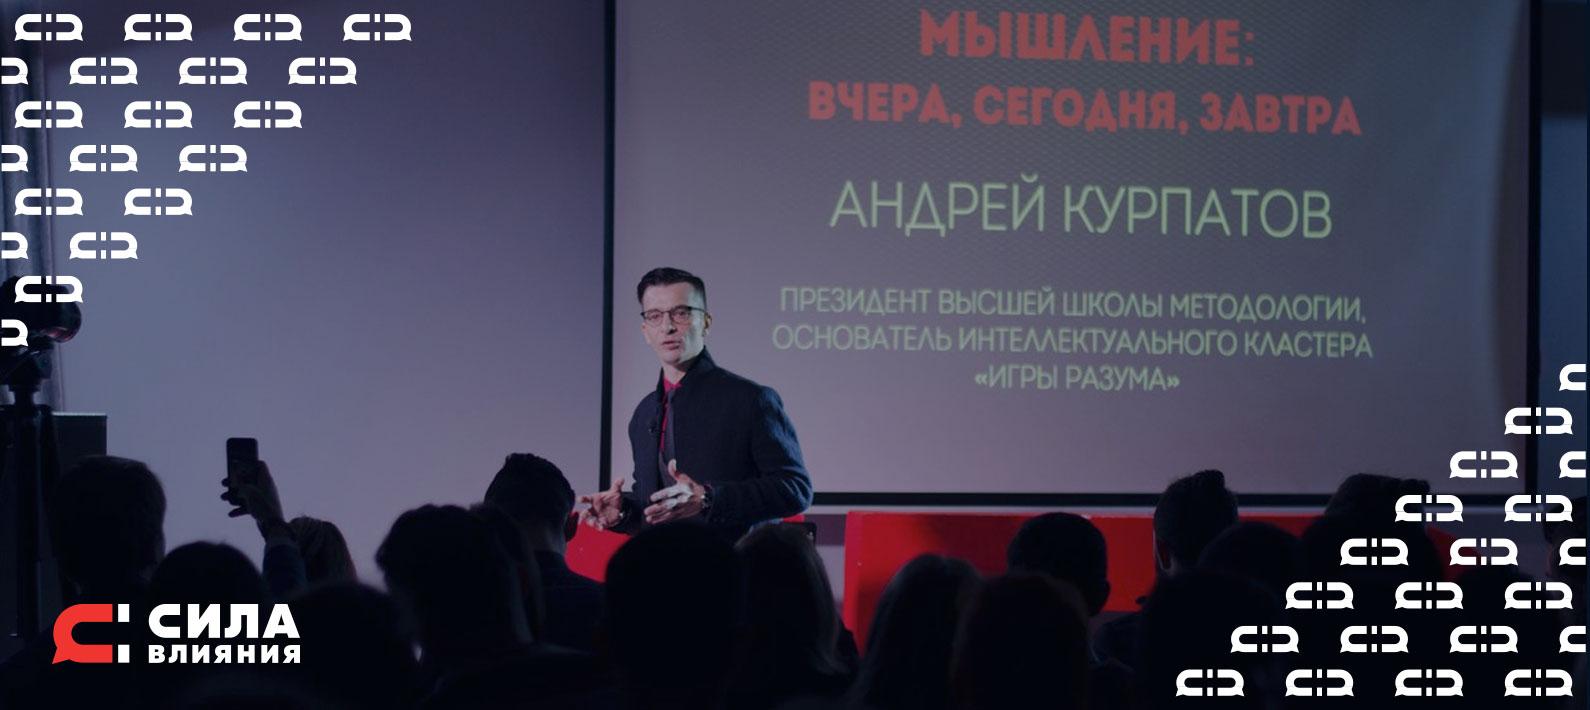 Беседа с Курпатовым: о публичных выступлениях